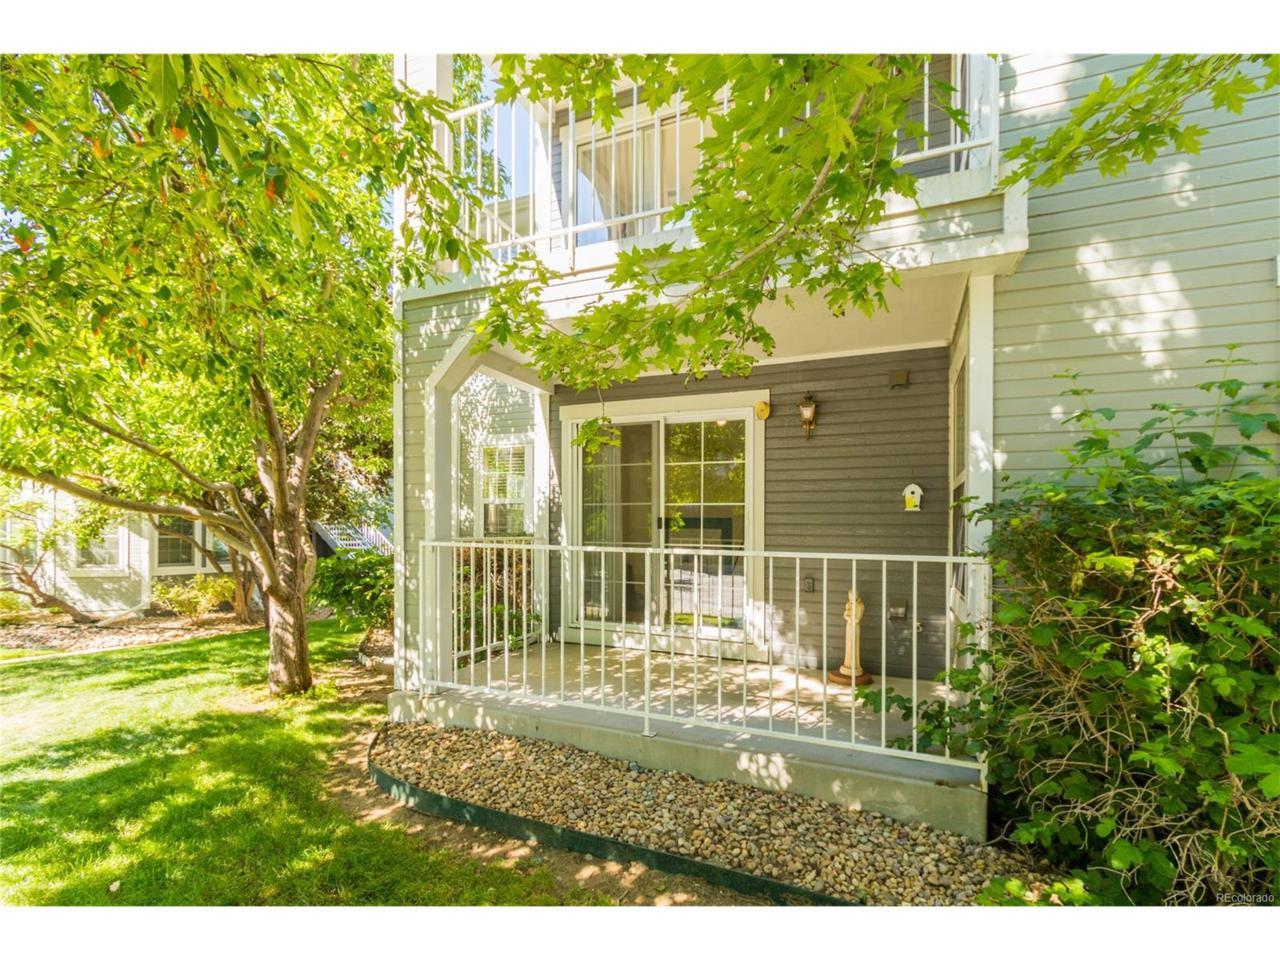 6755 S Ivy Street A8, Centennial, CO 80112 (MLS #3345430) :: 8z Real Estate